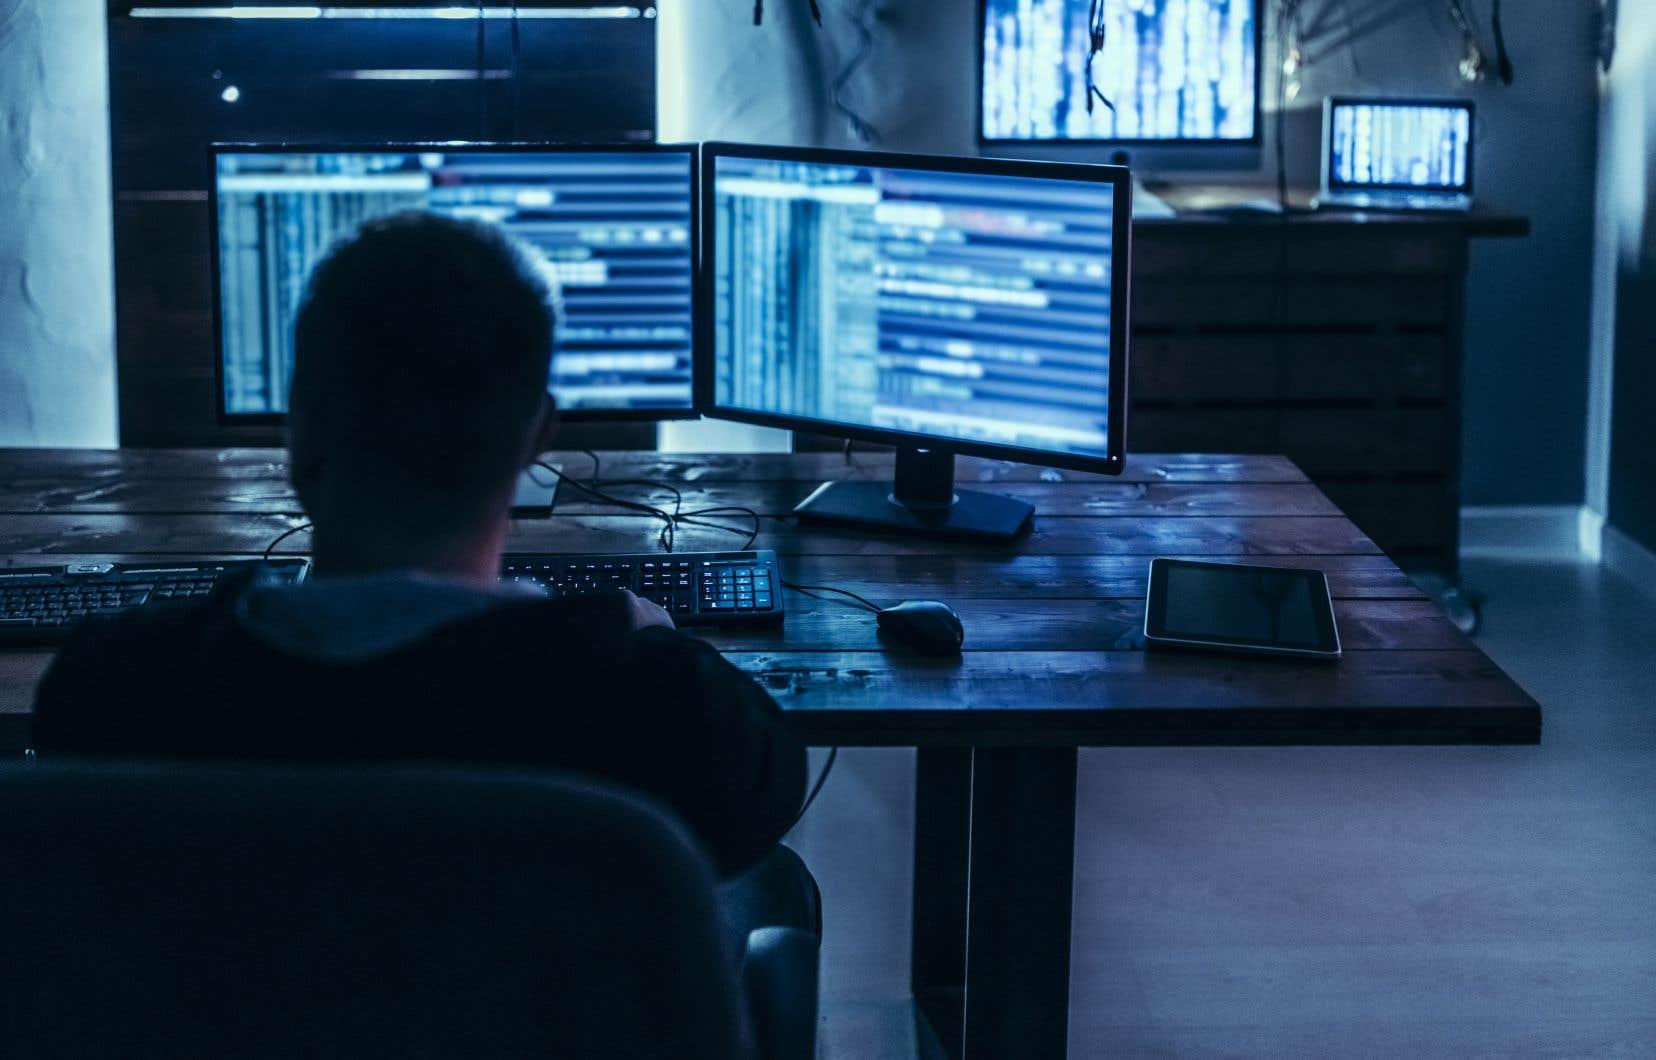 L'agence de surveillance du crédit a expliqué que l'accès aux données résultait de l'utilisation frauduleuse des identifiants de connexion en ligne d'un de ses clients d'affaires.